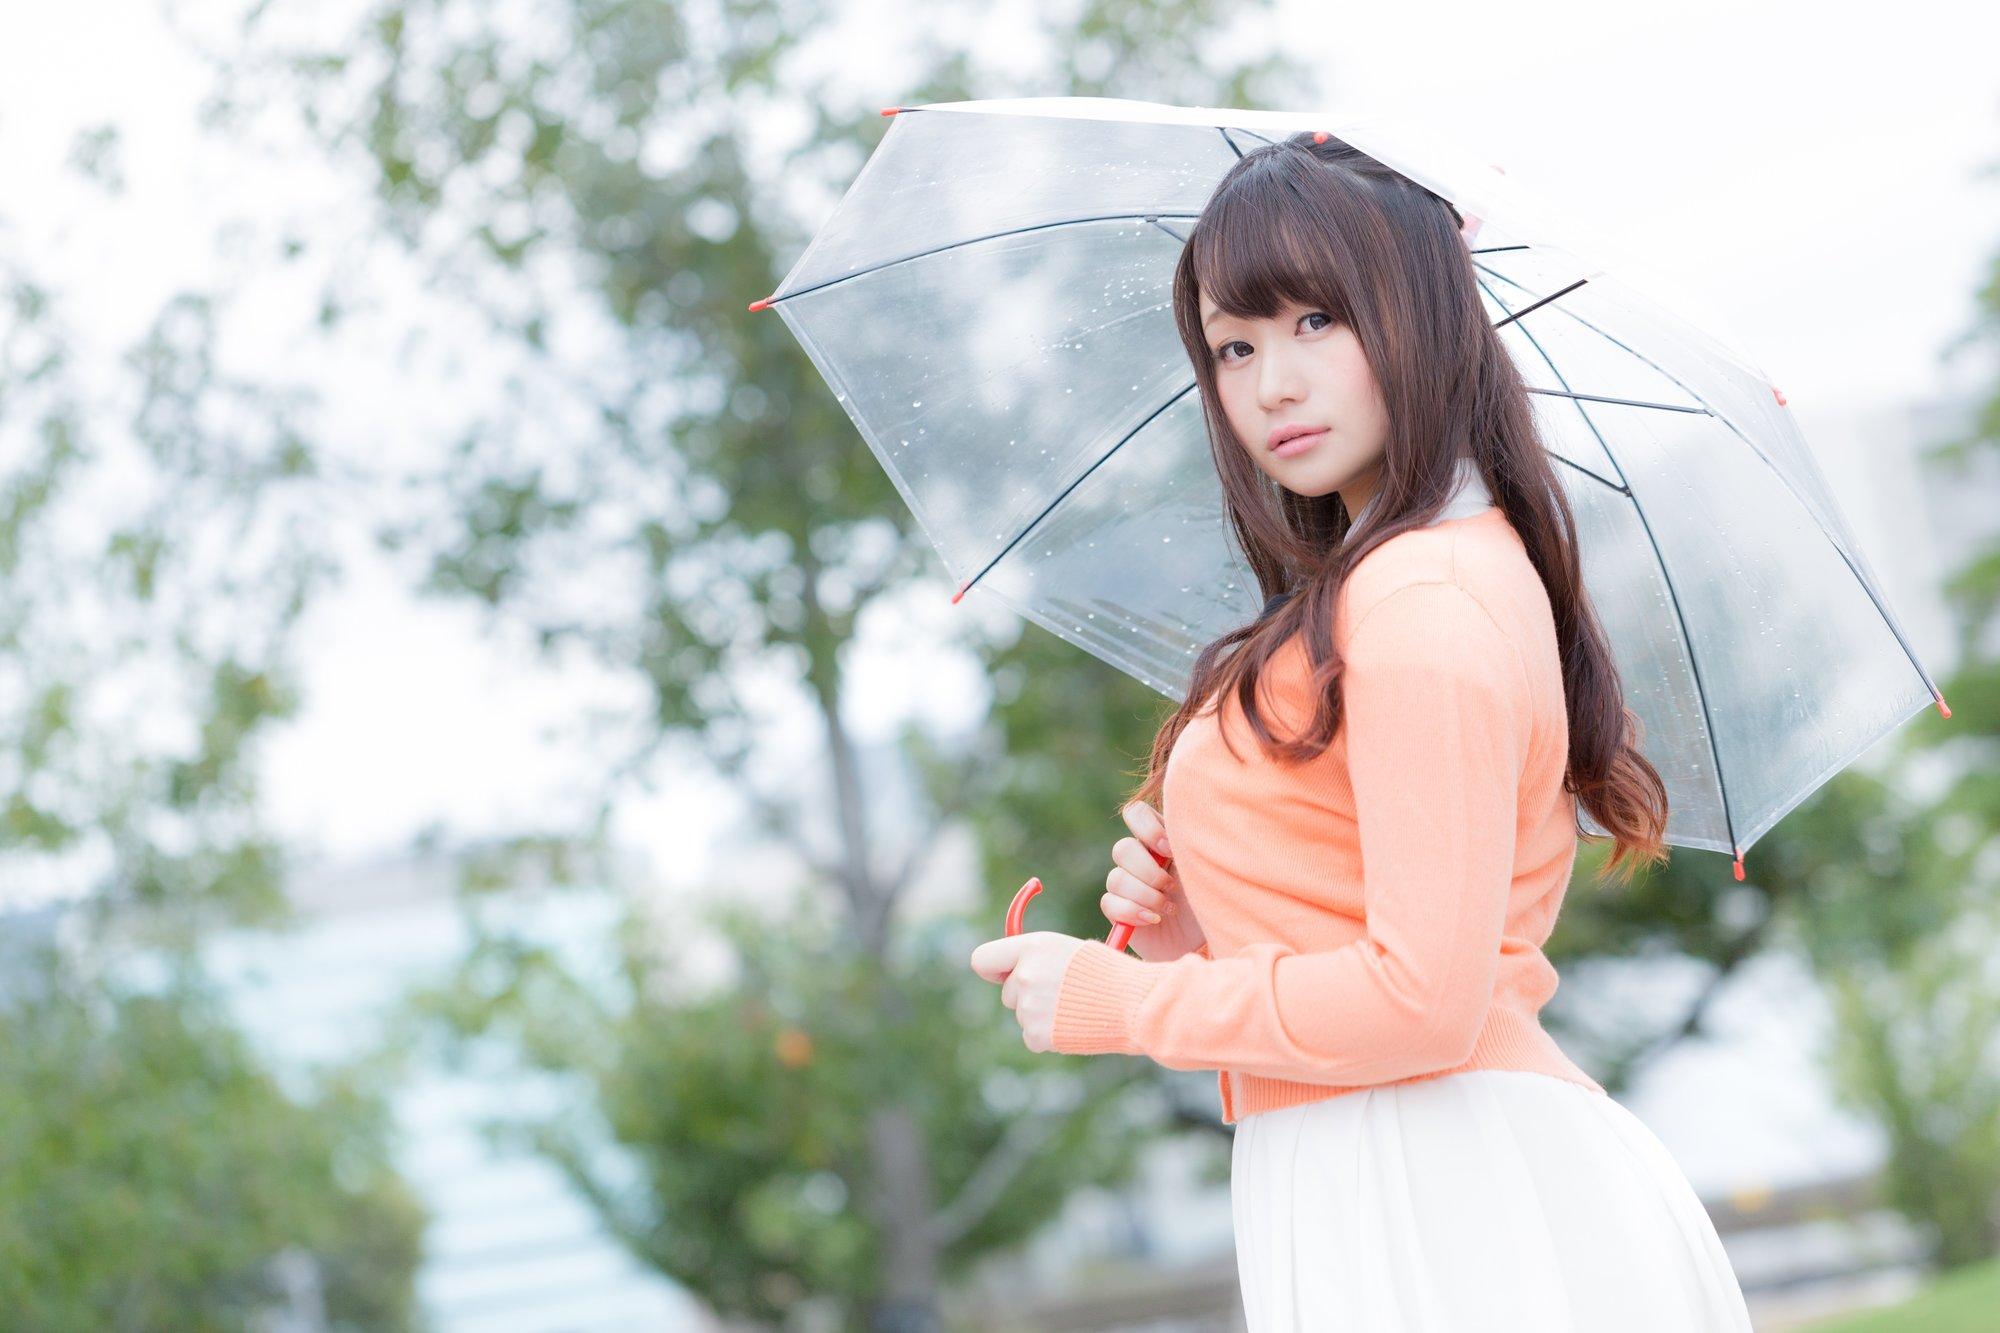 傘をさすボイン